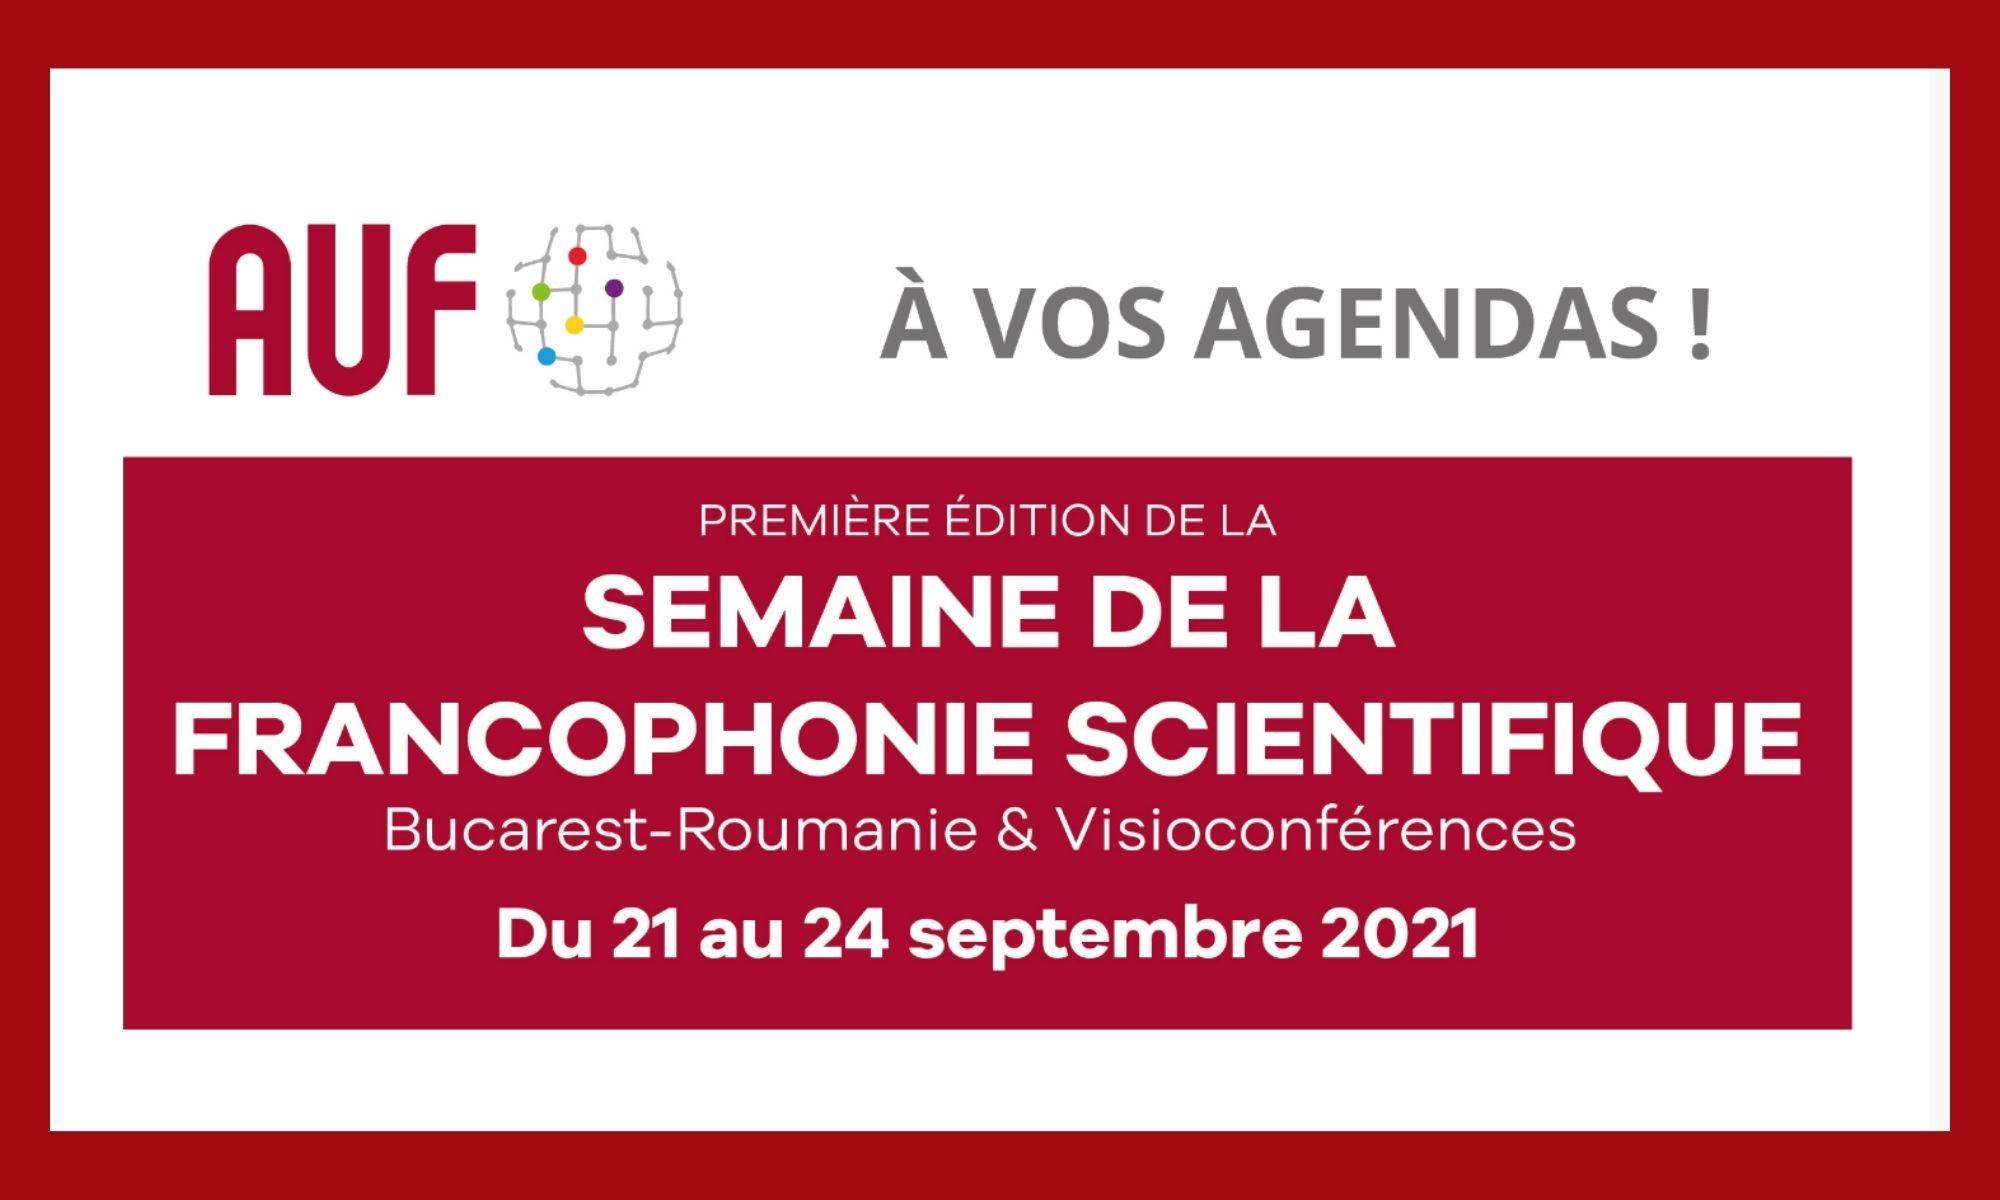 L'Agence universitaire de la Francophonie (AUF) organise la première édition de la Semaine de la Francophonie scientifique du 21 au 23 septembre 2021